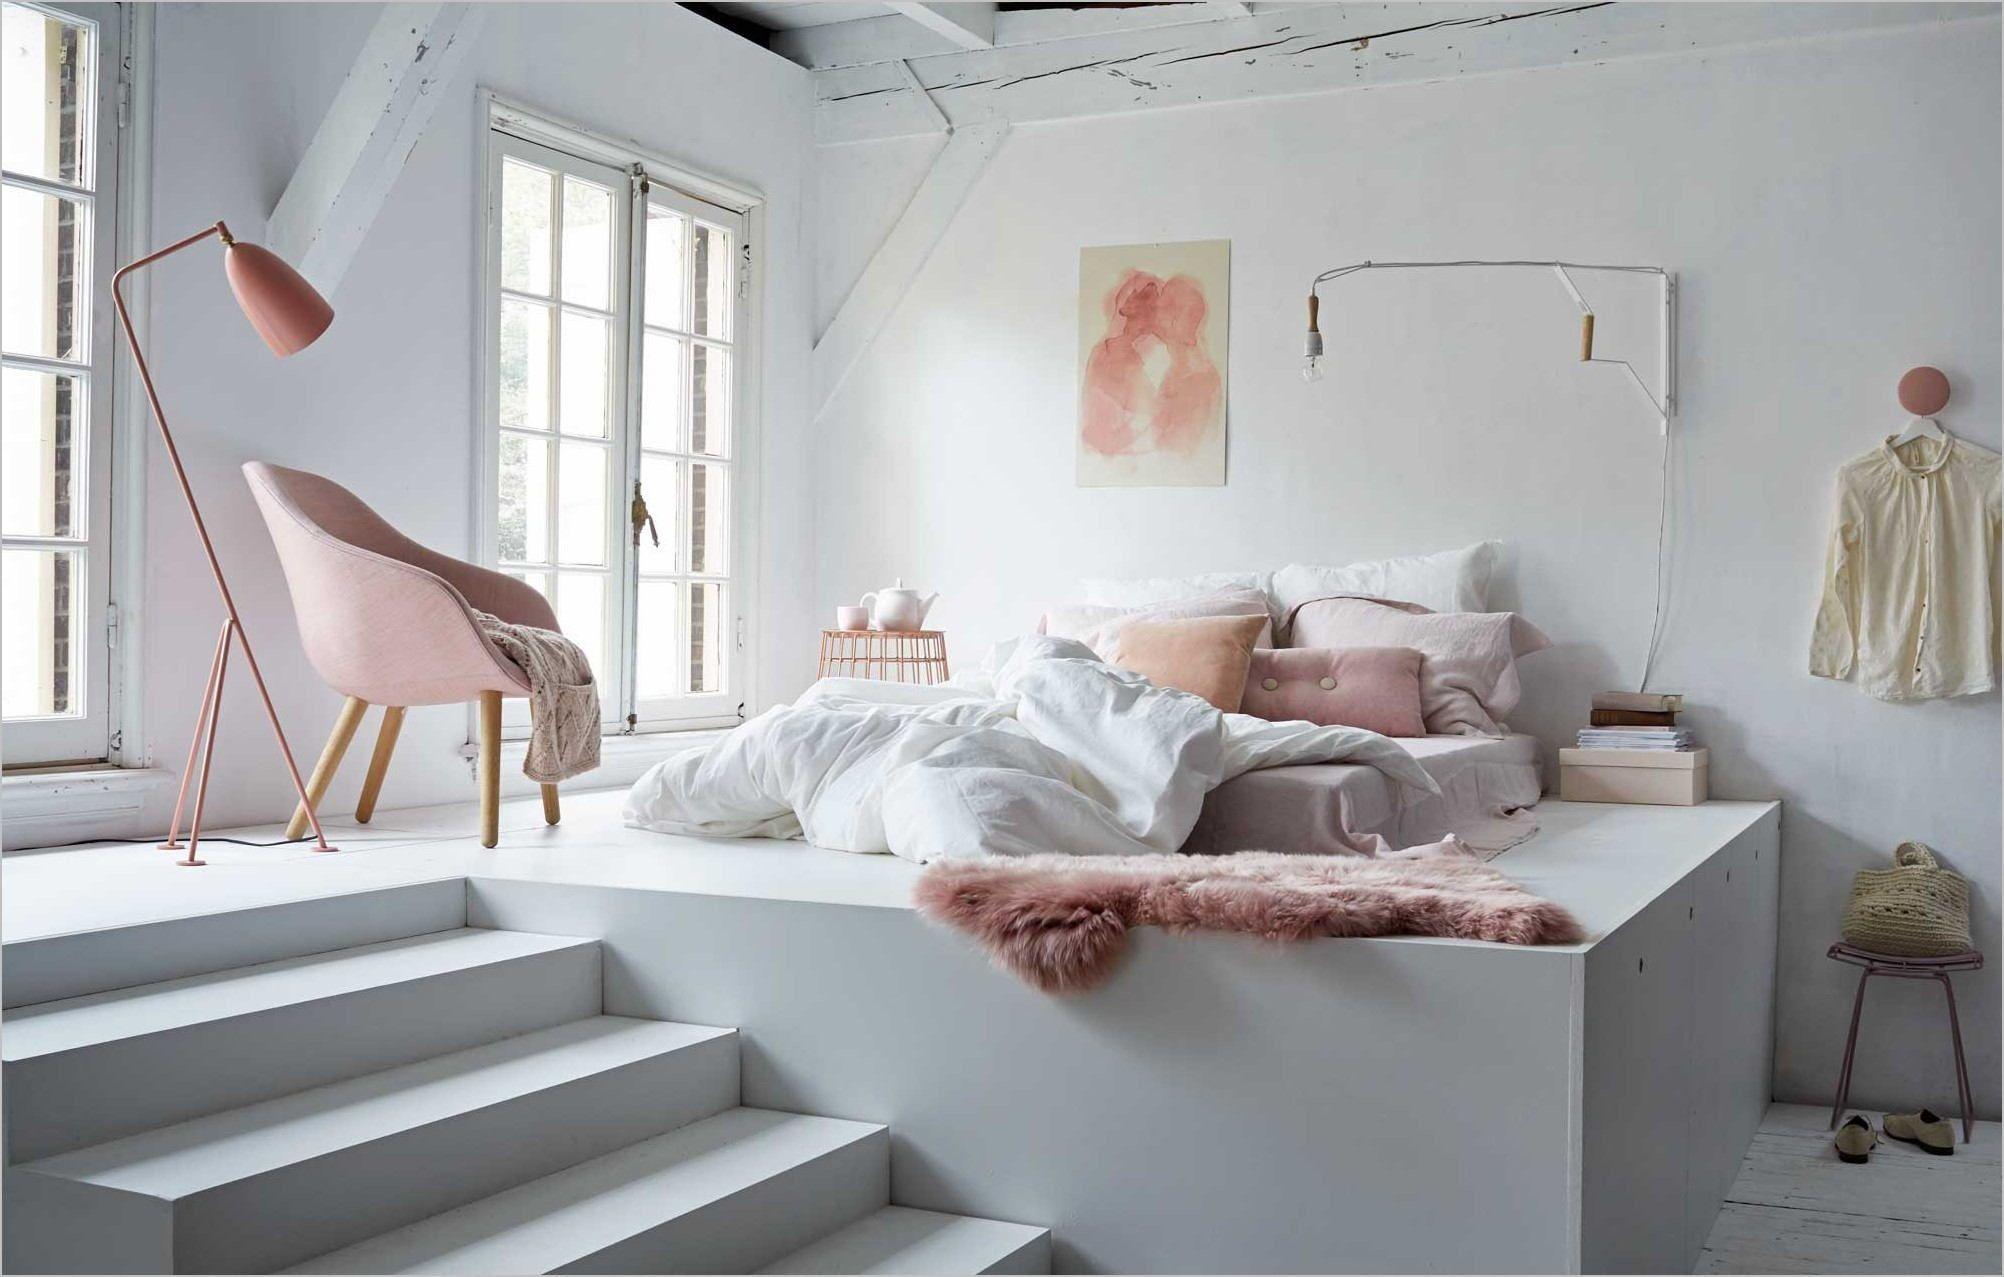 Idee Deco Chambre Ado Mixte  Deco chambre, Idée déco chambre ado